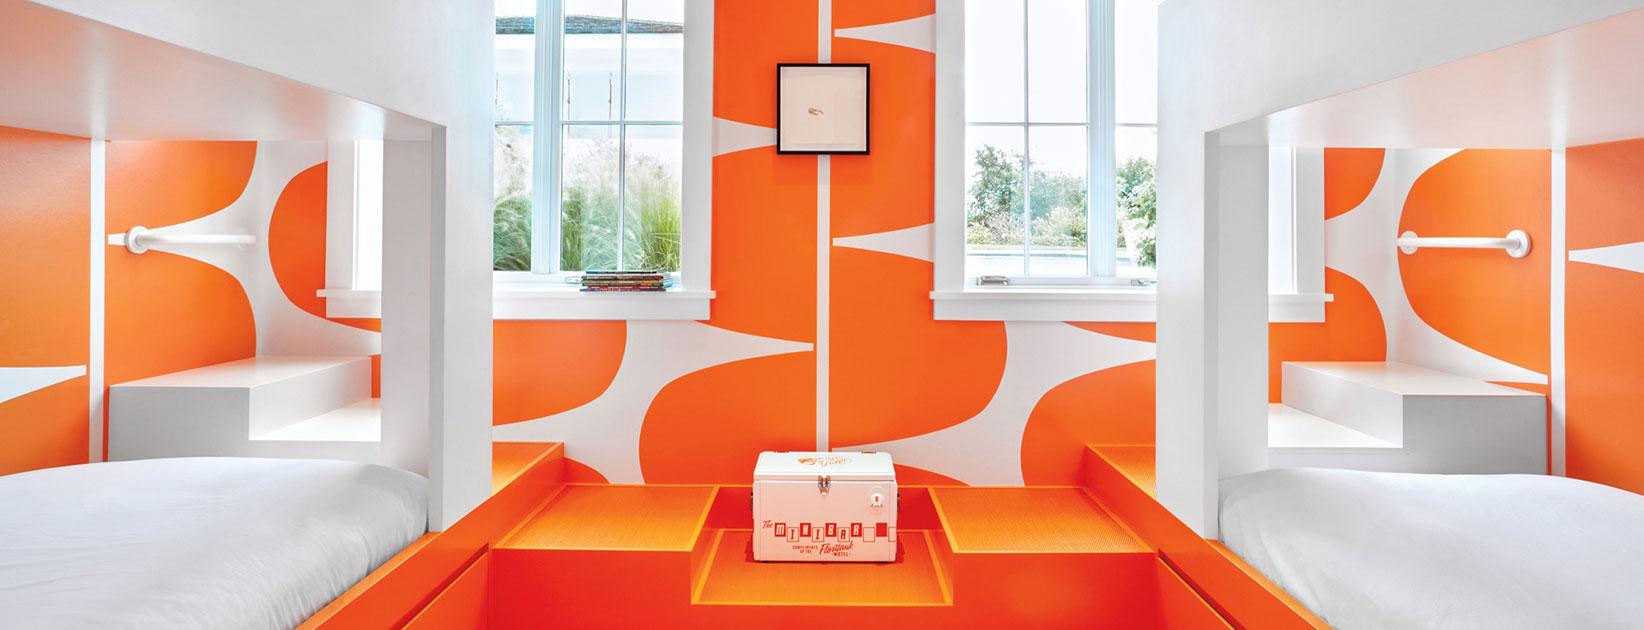 رنگ در طراحی داخلی رنگی